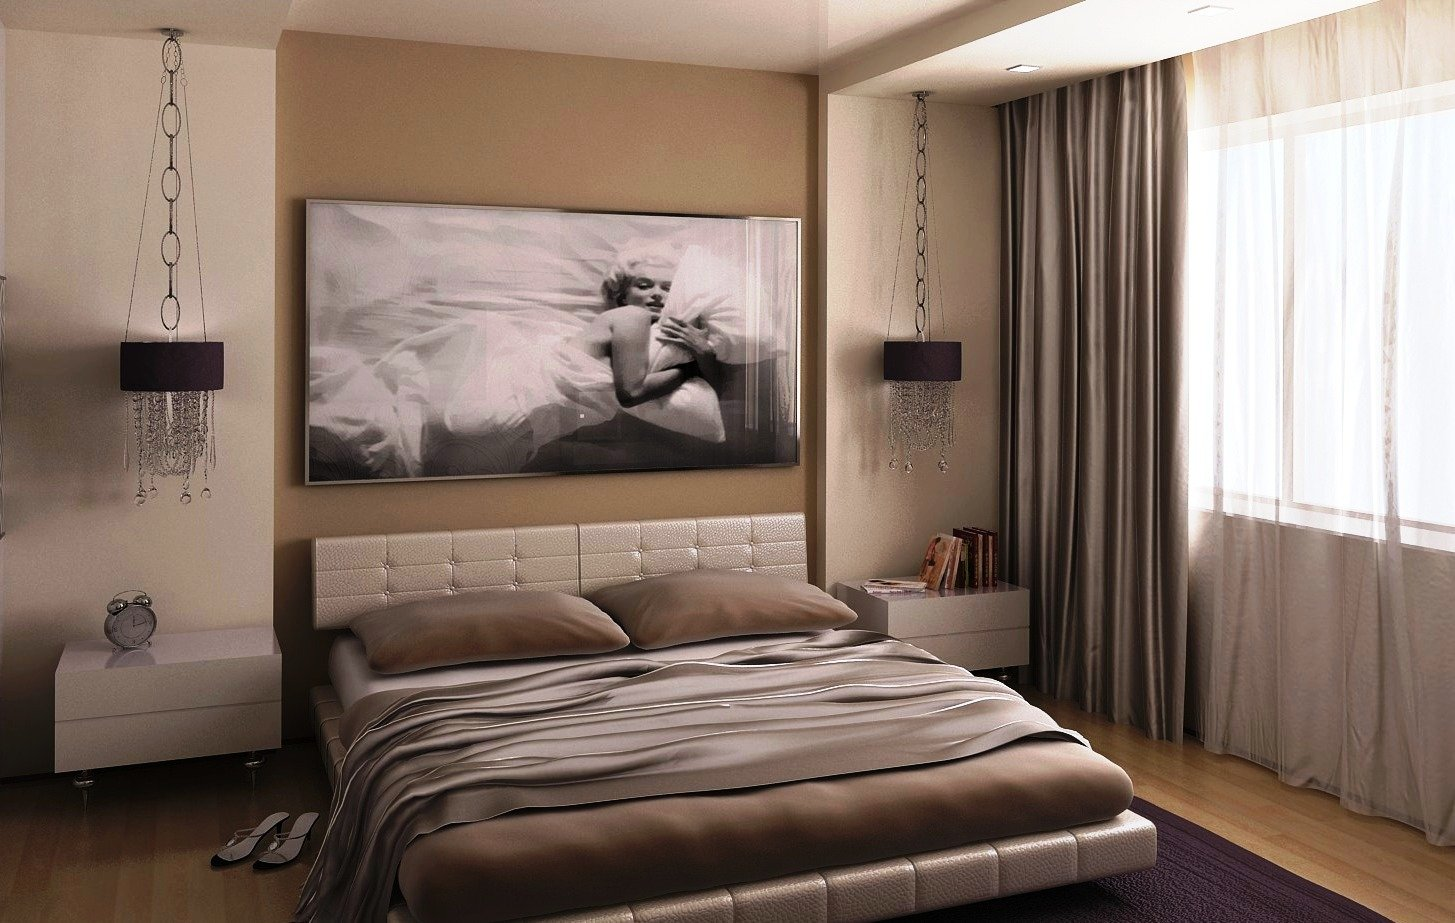 сочетание белого цвета мебели с нейтральными оттенками